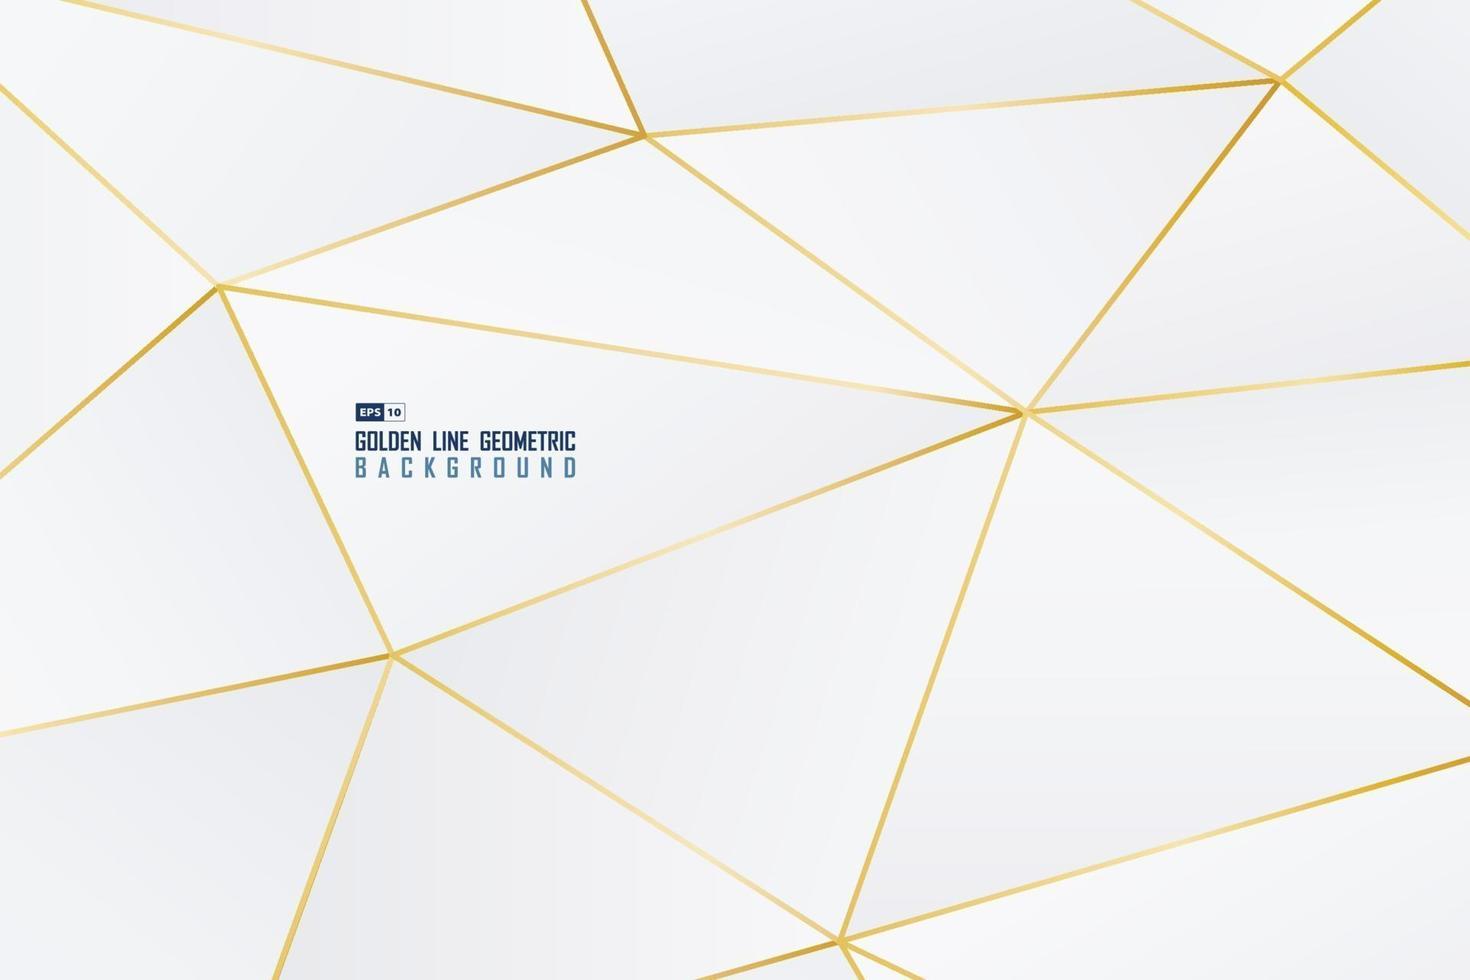 abstrakte goldene Linie dekorativ von geometrischer Form mit weißem Hintergrund des Farbverlaufs. Illustrationsvektor vektor